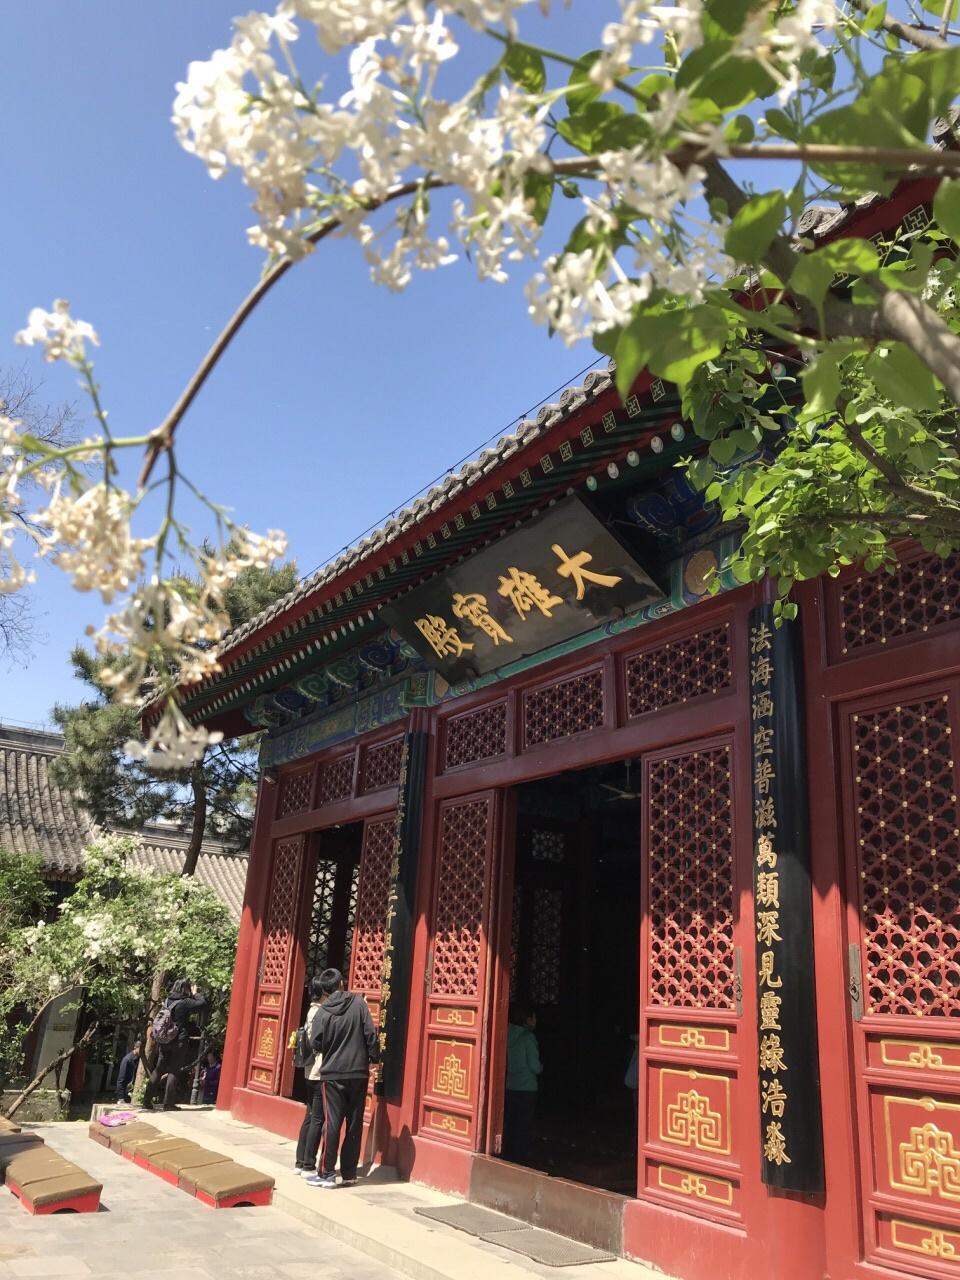 游览 北京市 西城区 法源寺